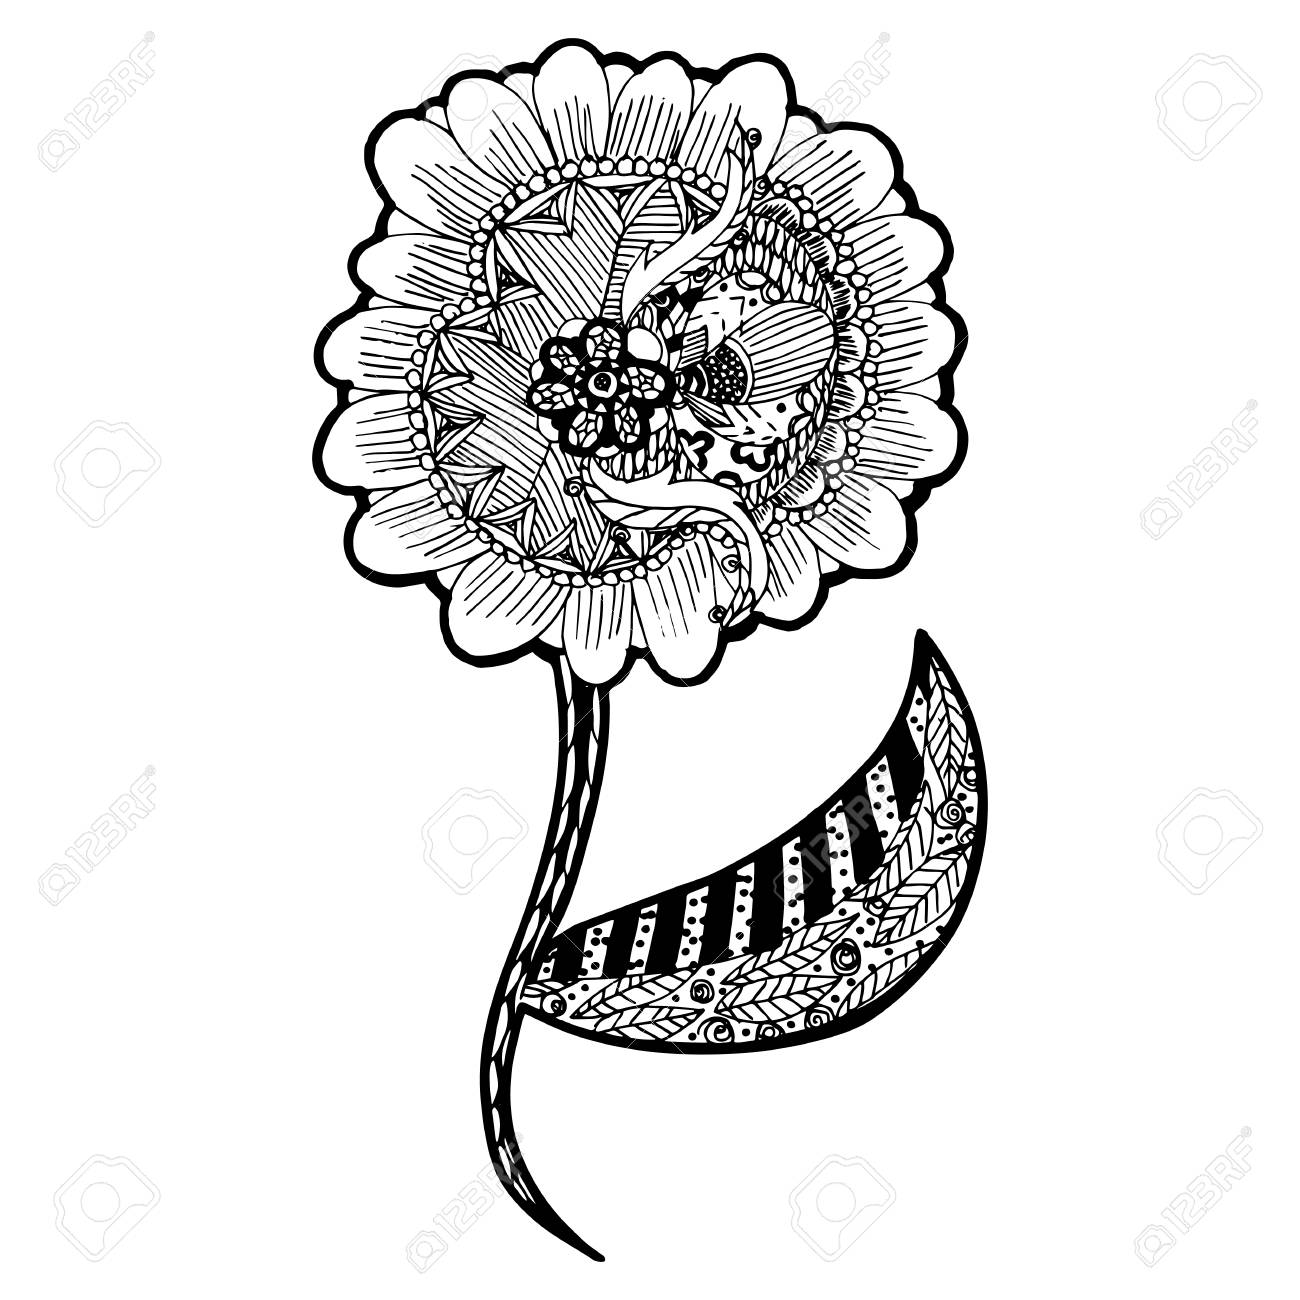 Flores Zentangle Disenos De Bosquejo En El Fondo Blanco